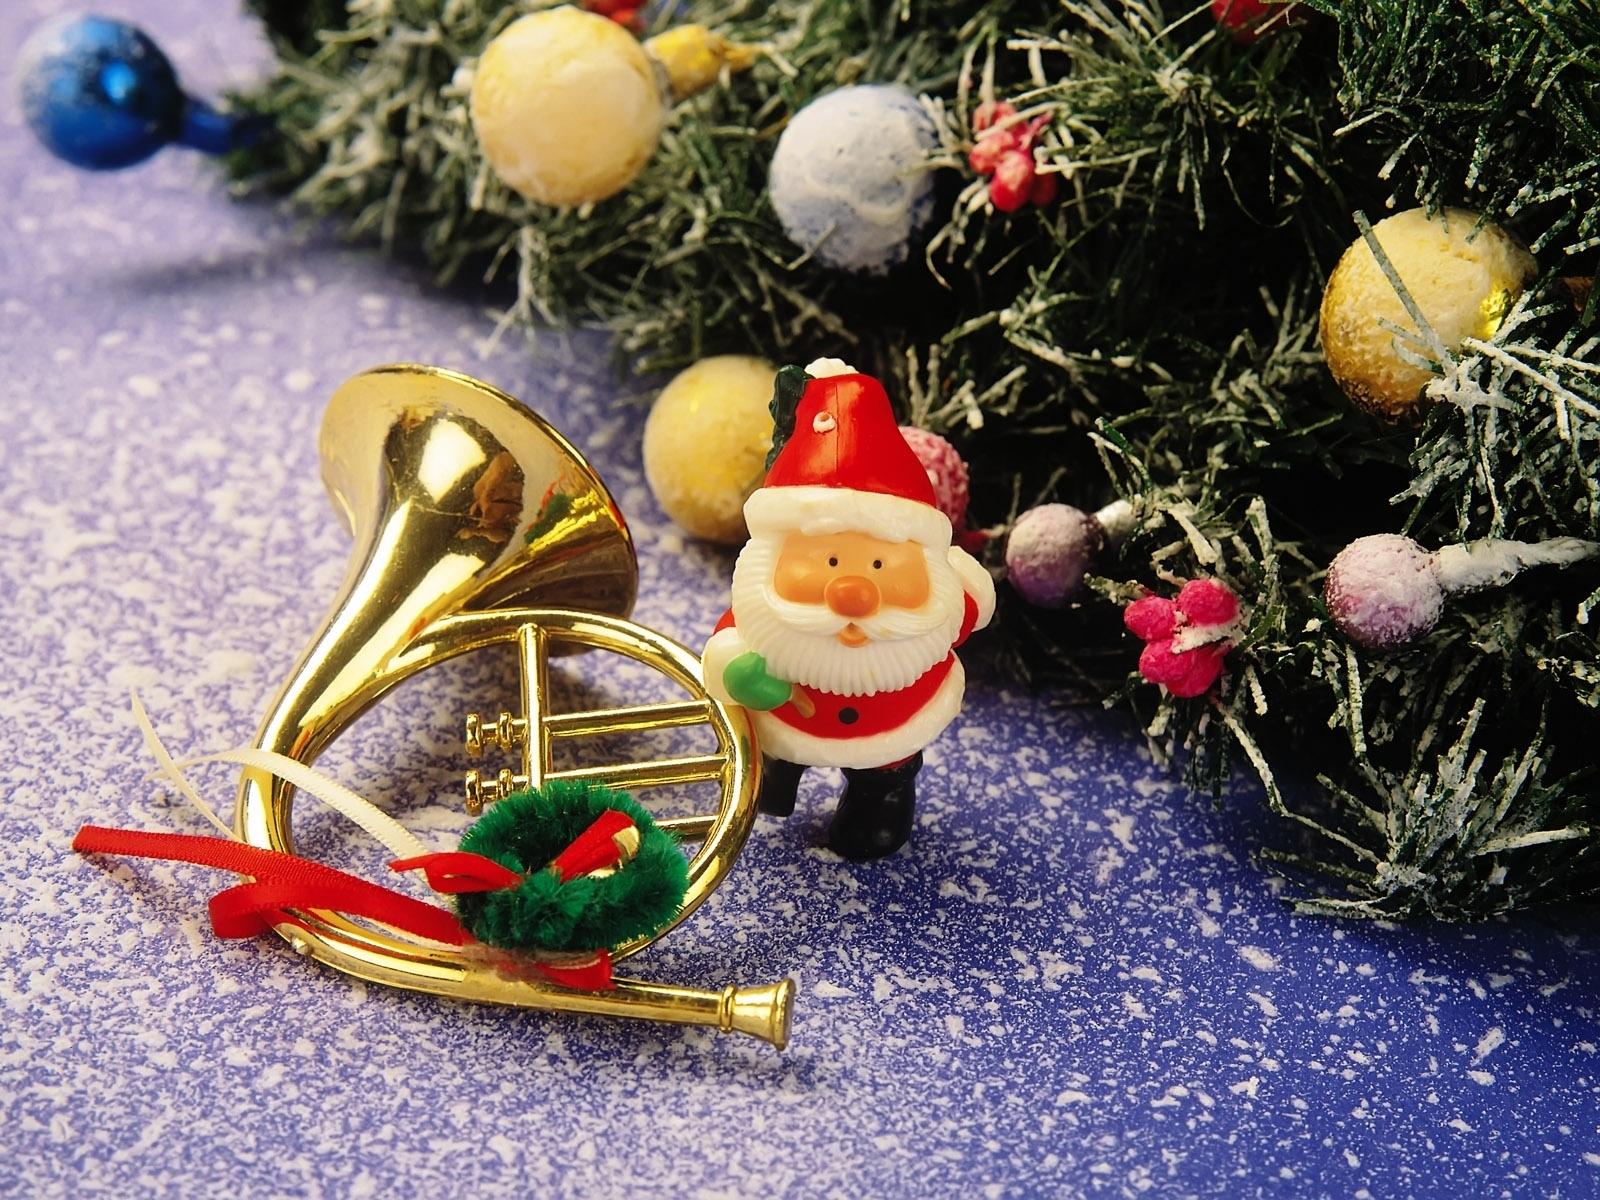 Bauble Christmas Decoration Santa Trumpet 1600x1200